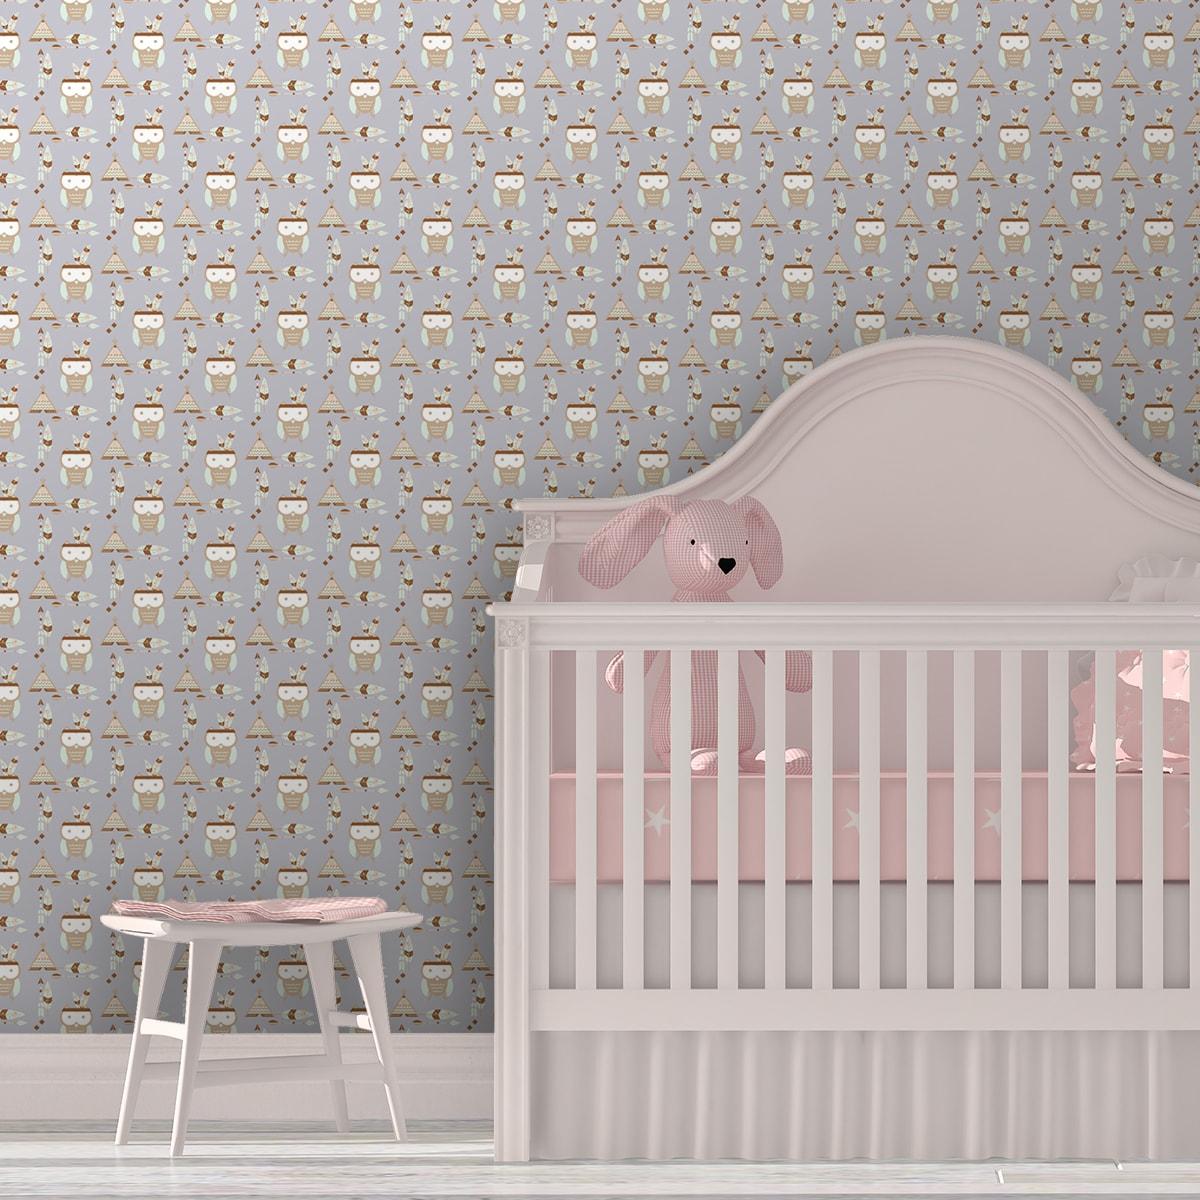 Kindertapete Indianer Eulen mit Federn in grau - Design Tapete für Kinderzimmer 2